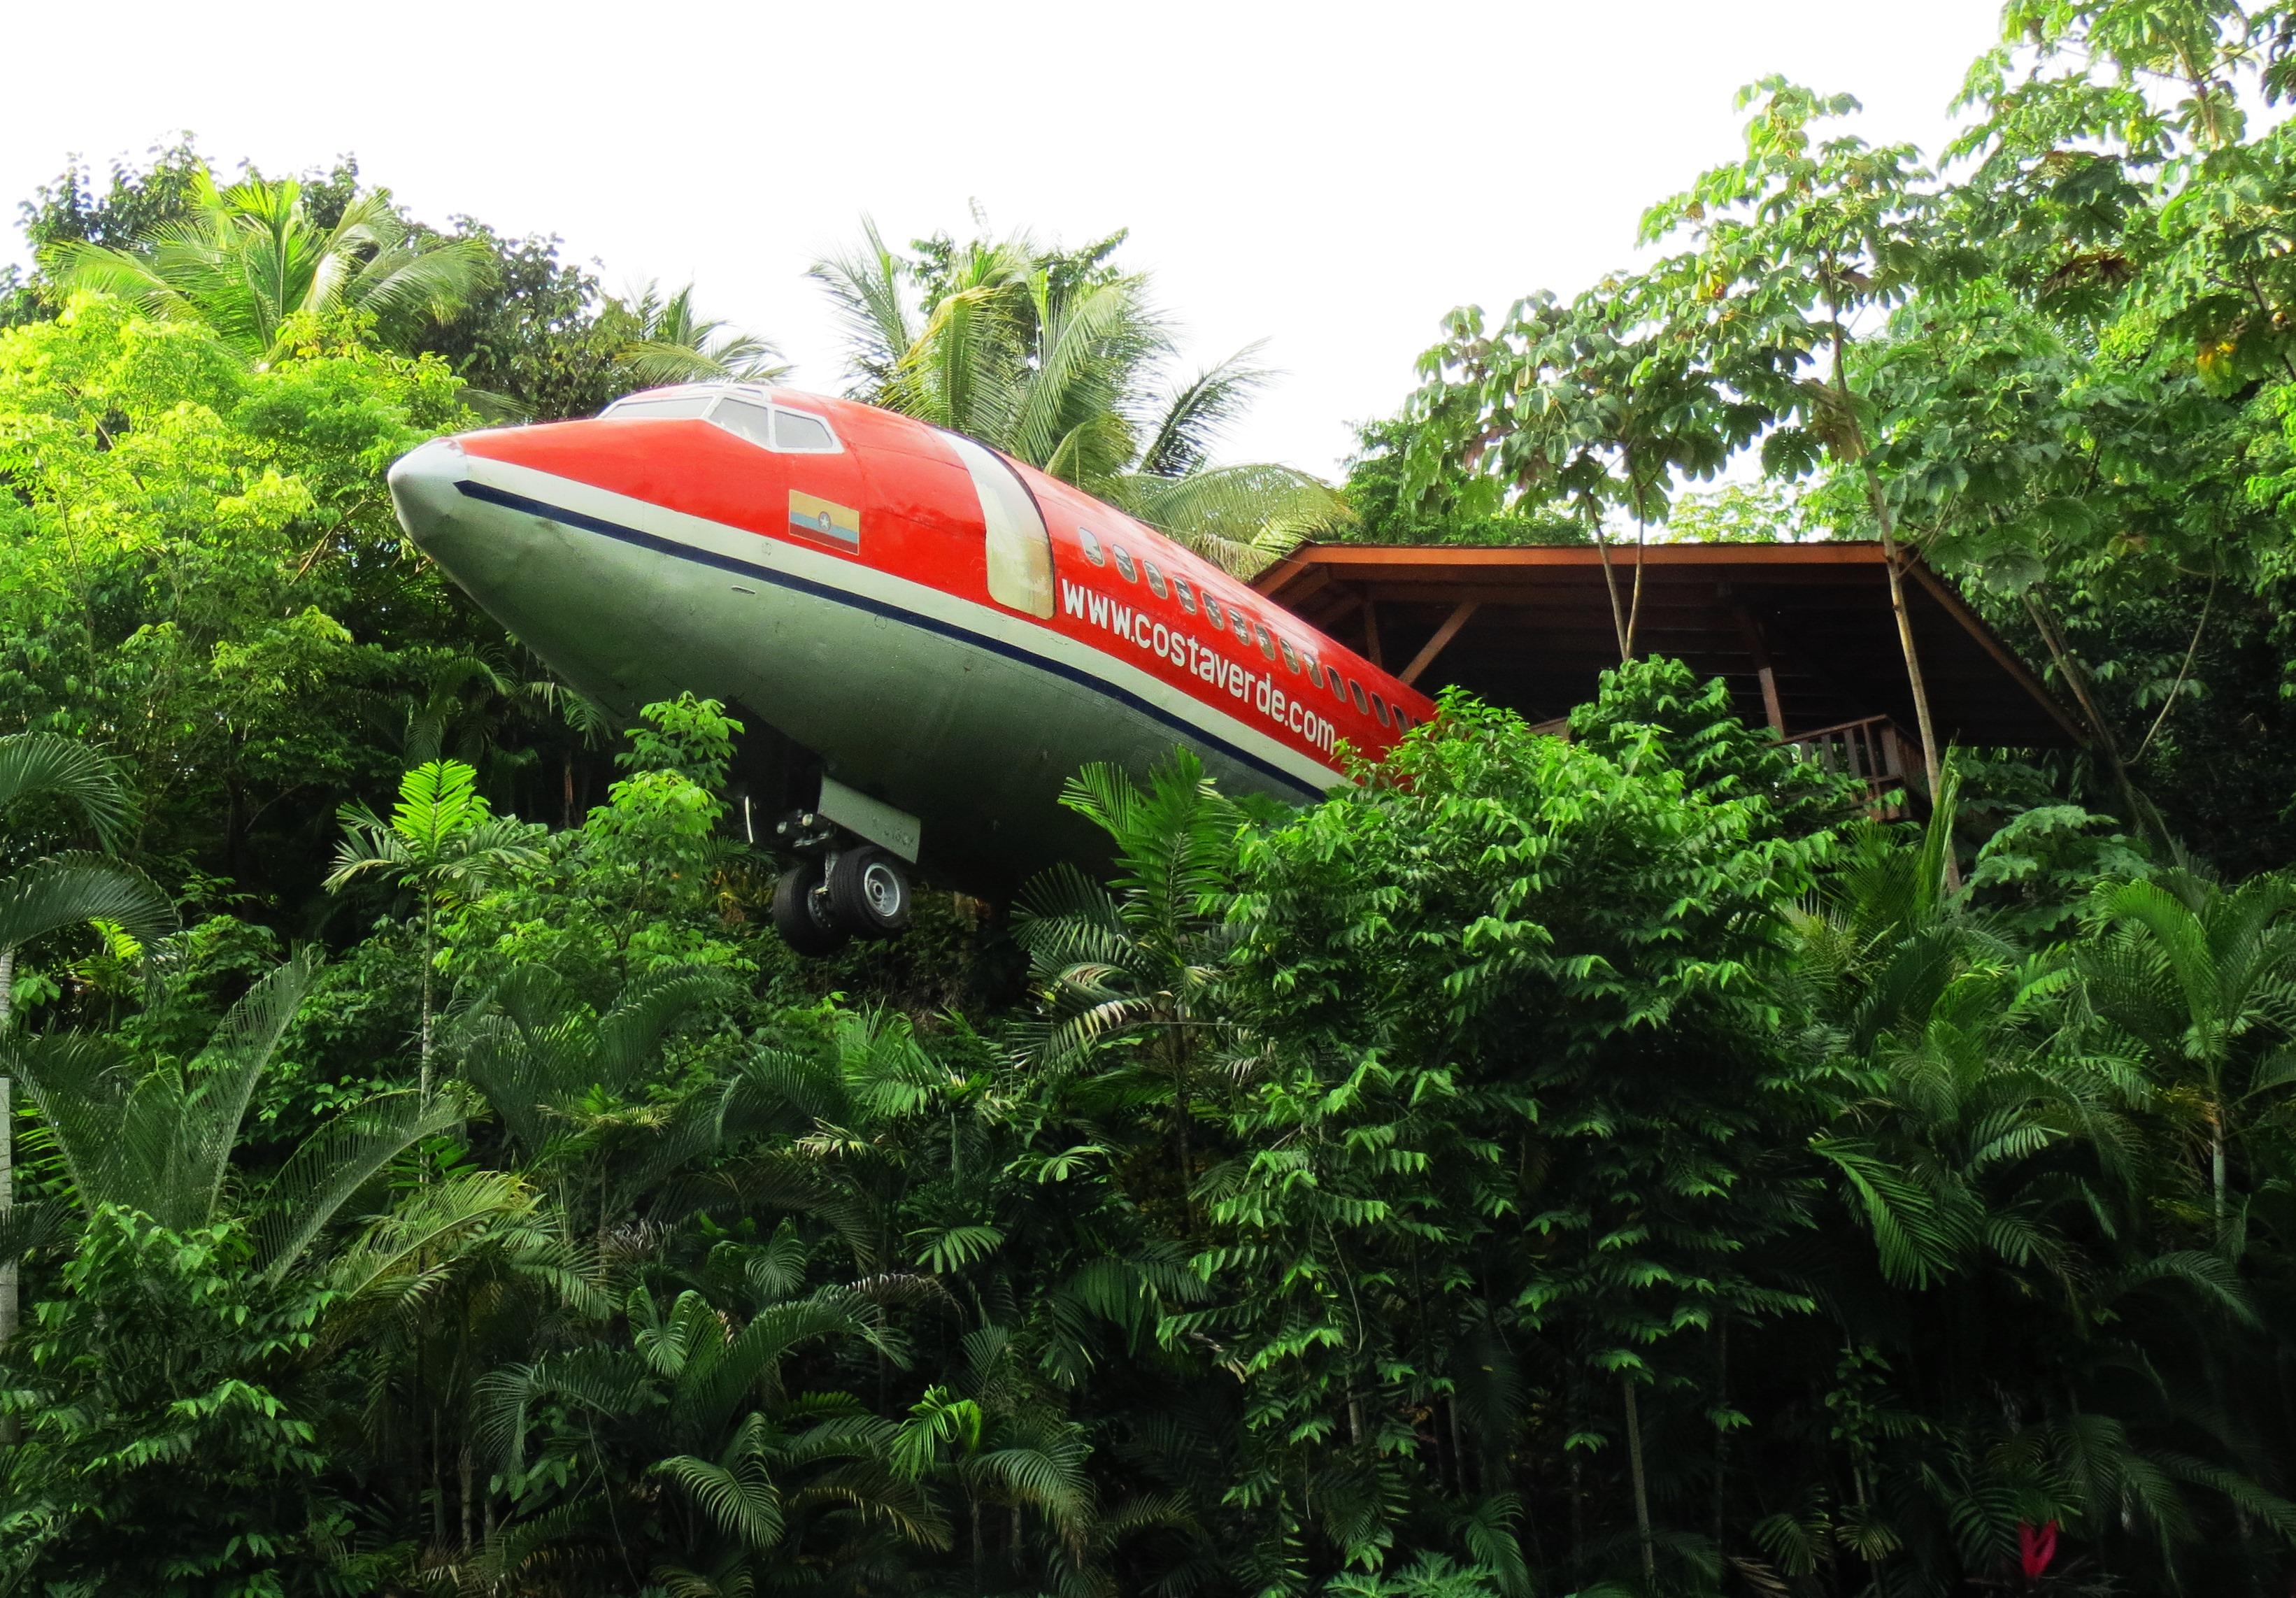 Boeing_727,_Hotel_Costa_Verde,_Costa_Rica_(2014)_photo_by_Gotanero